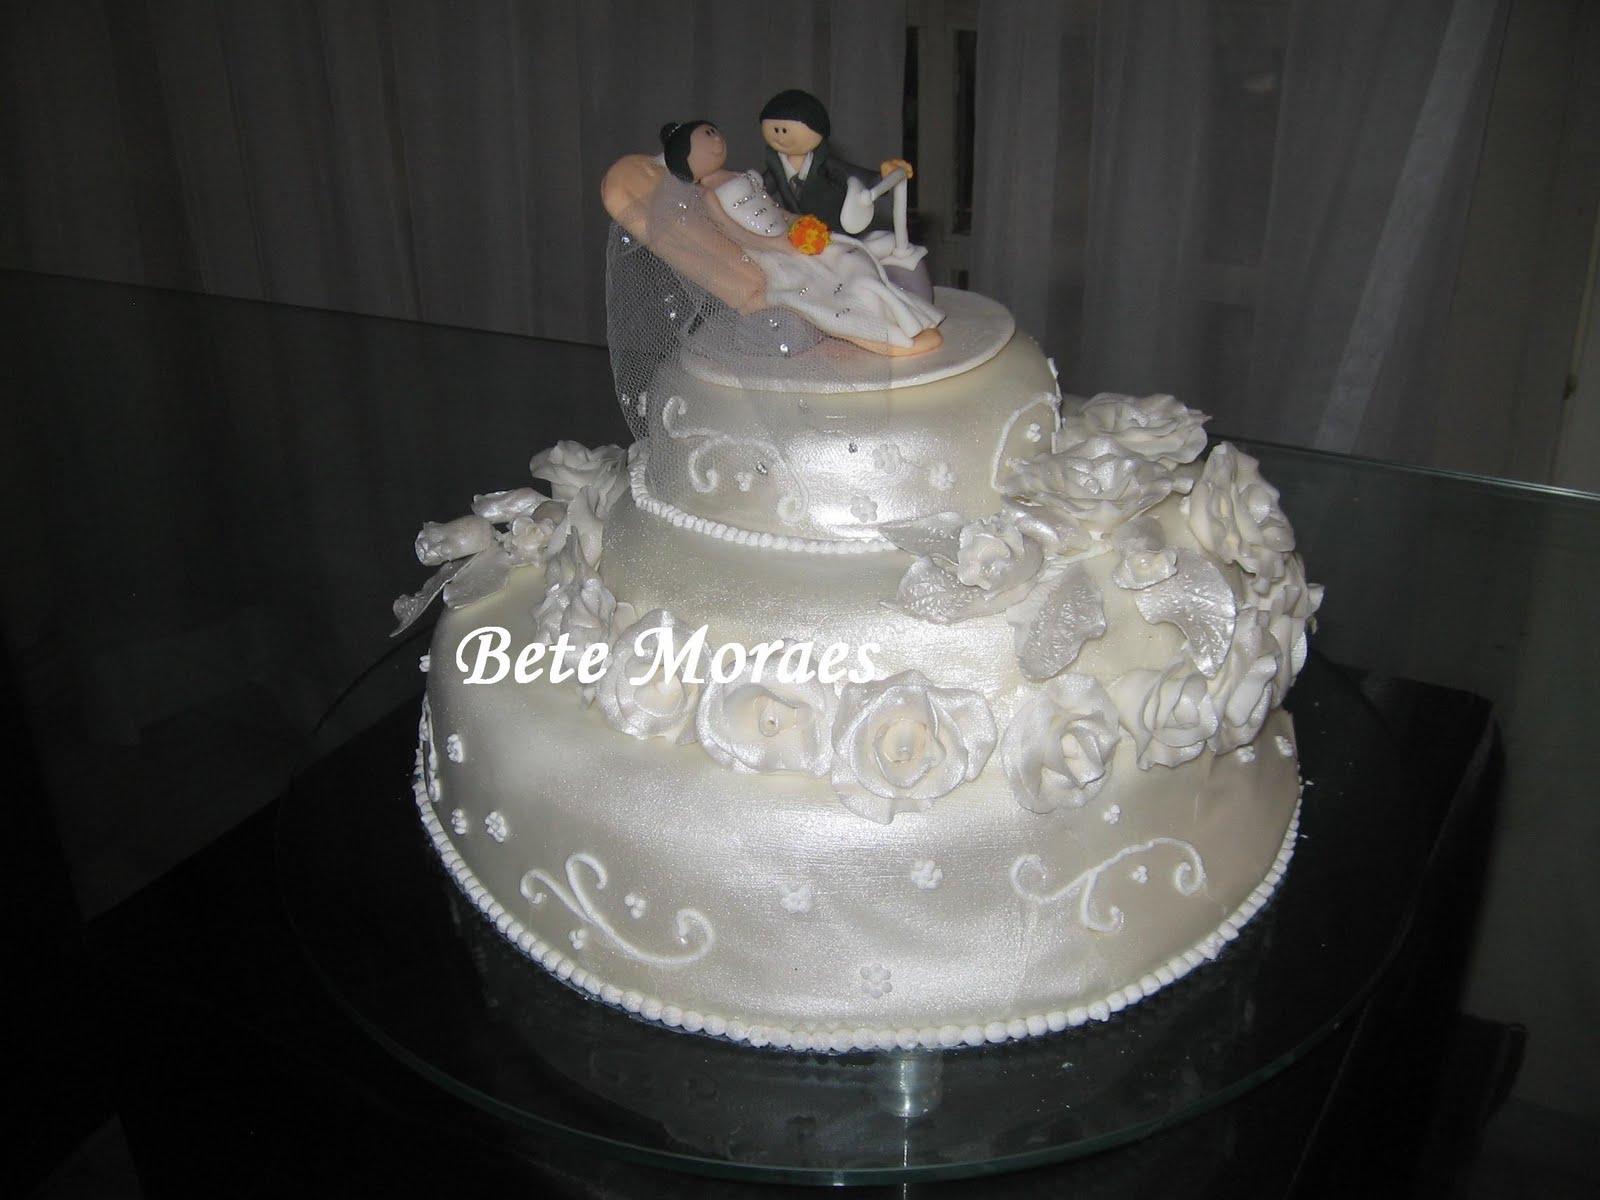 Cake Design Dentista : BETE MORAES cake design: Casamento dentistas